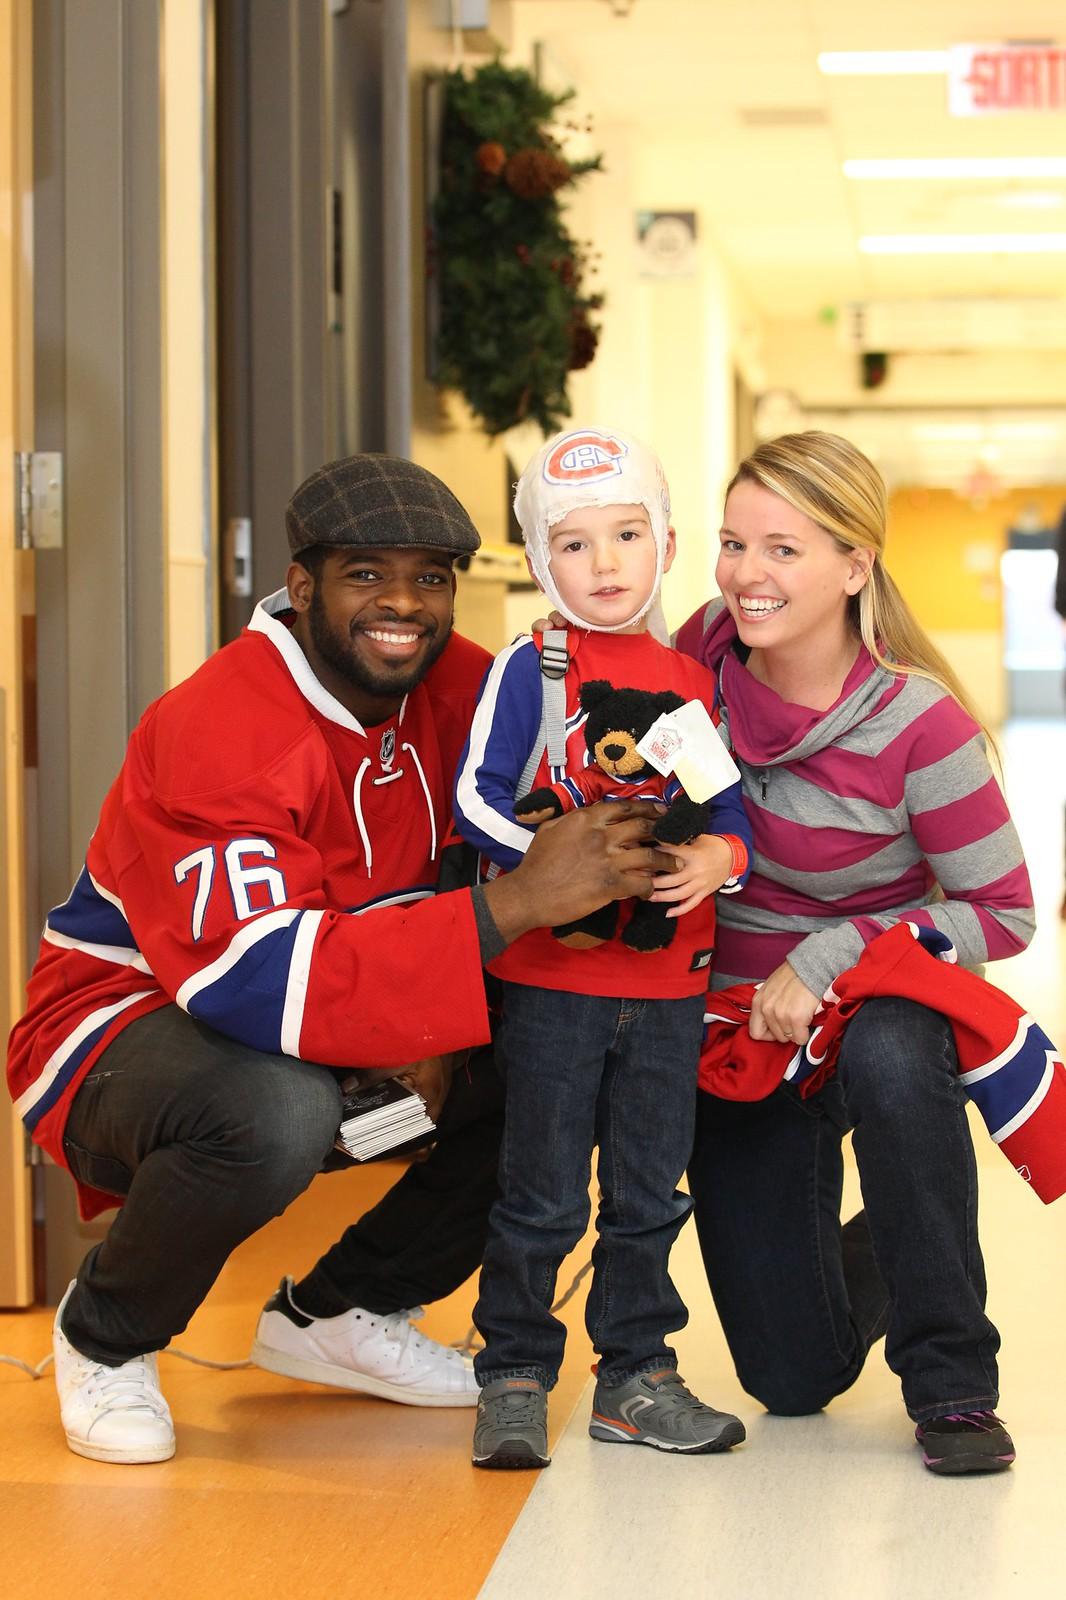 Visite des Canadiens de Montréal / Montreal Canadiens' Visit